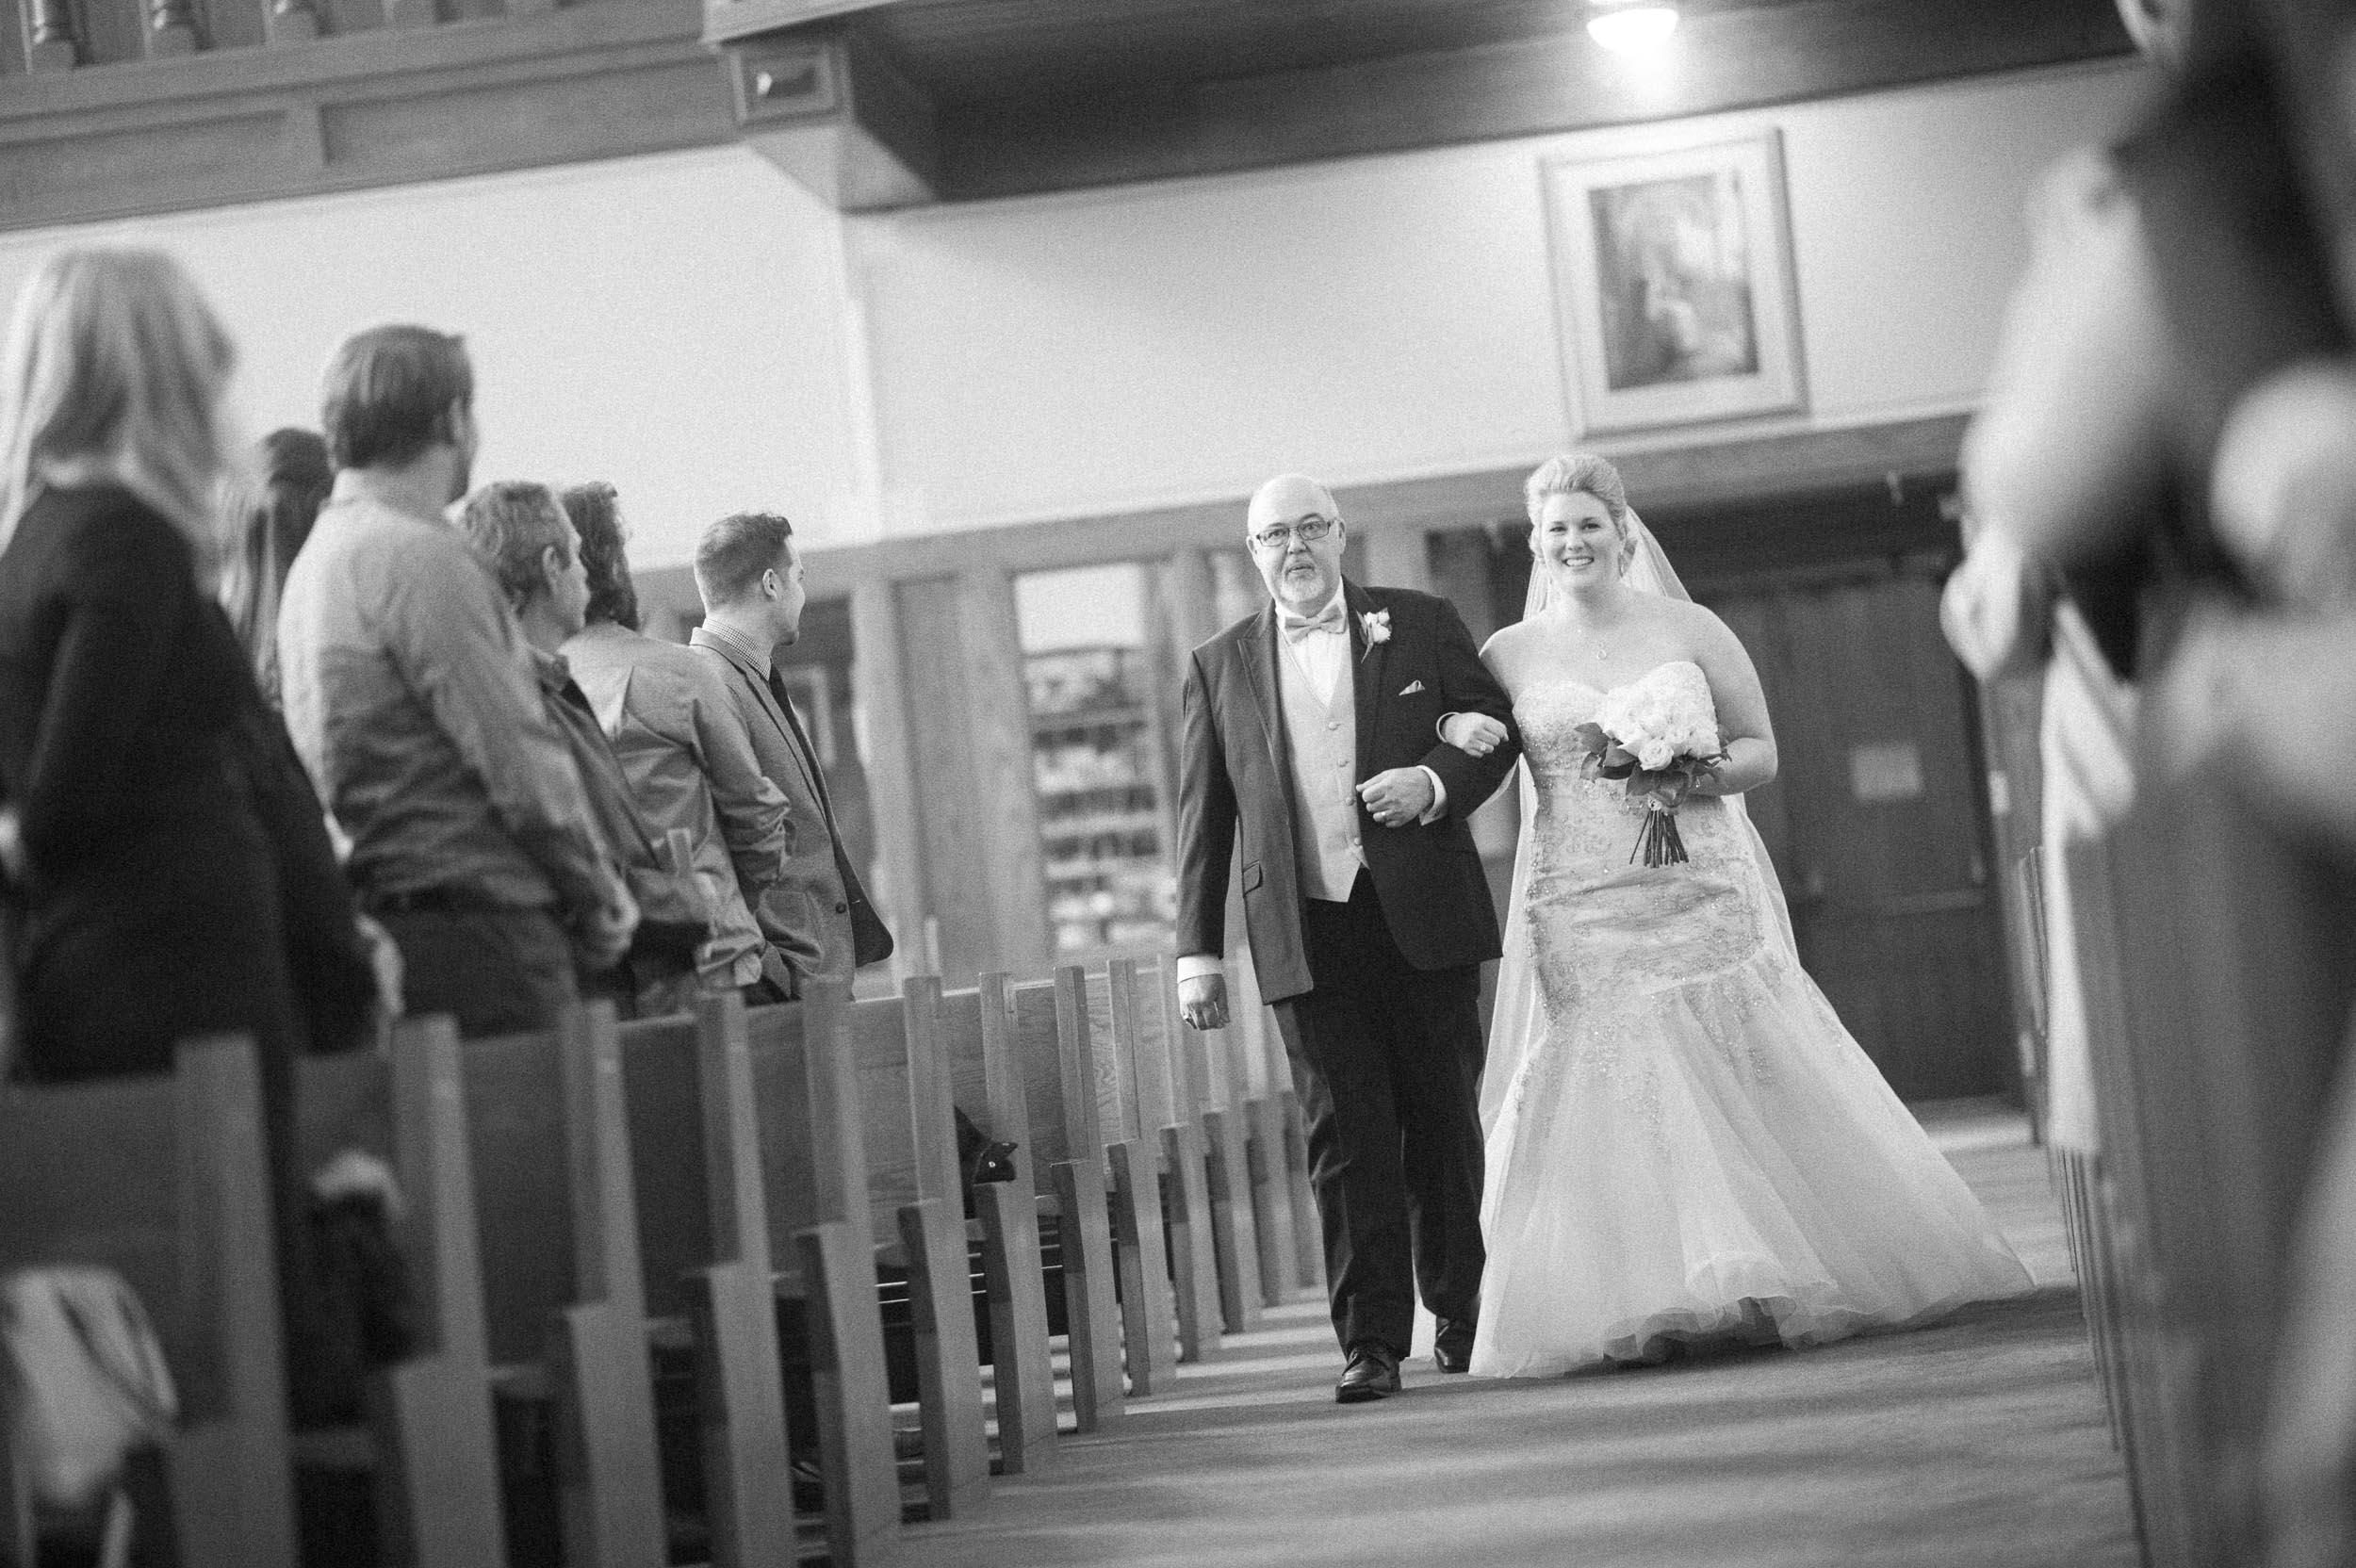 wedding-photography-stratford-davidiam-216.jpg